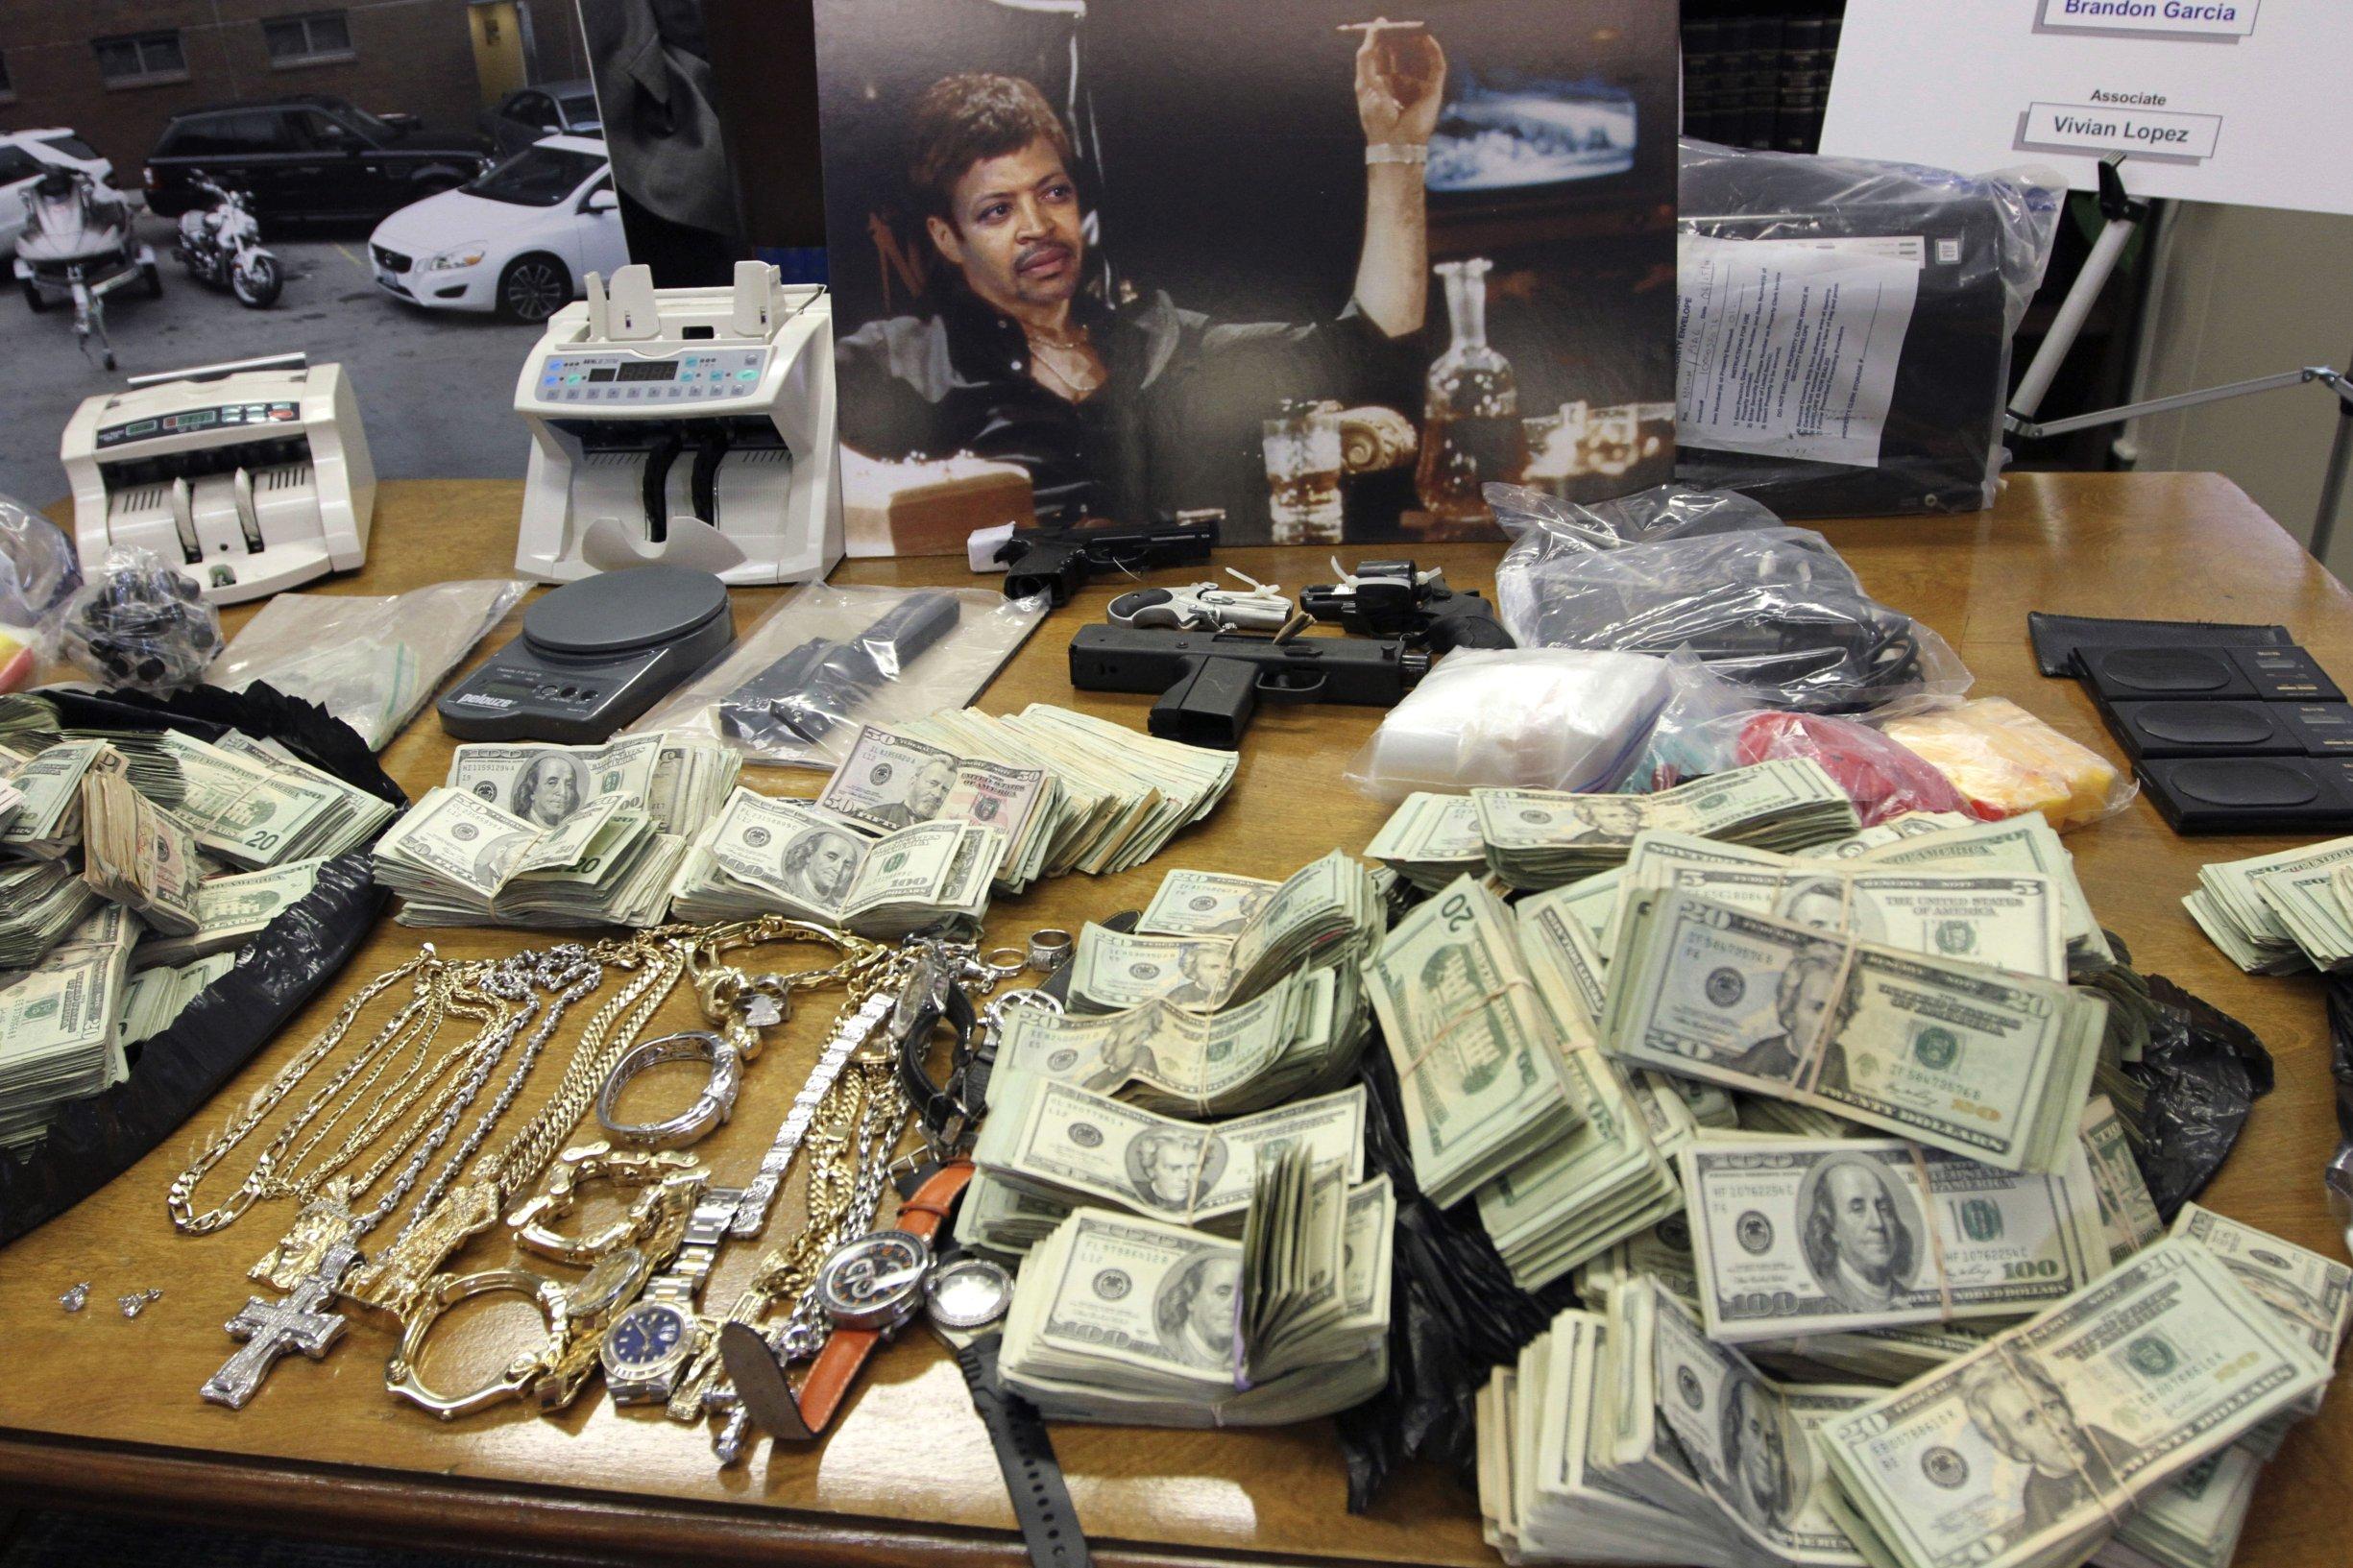 frank casino rich is gangster datafilehost